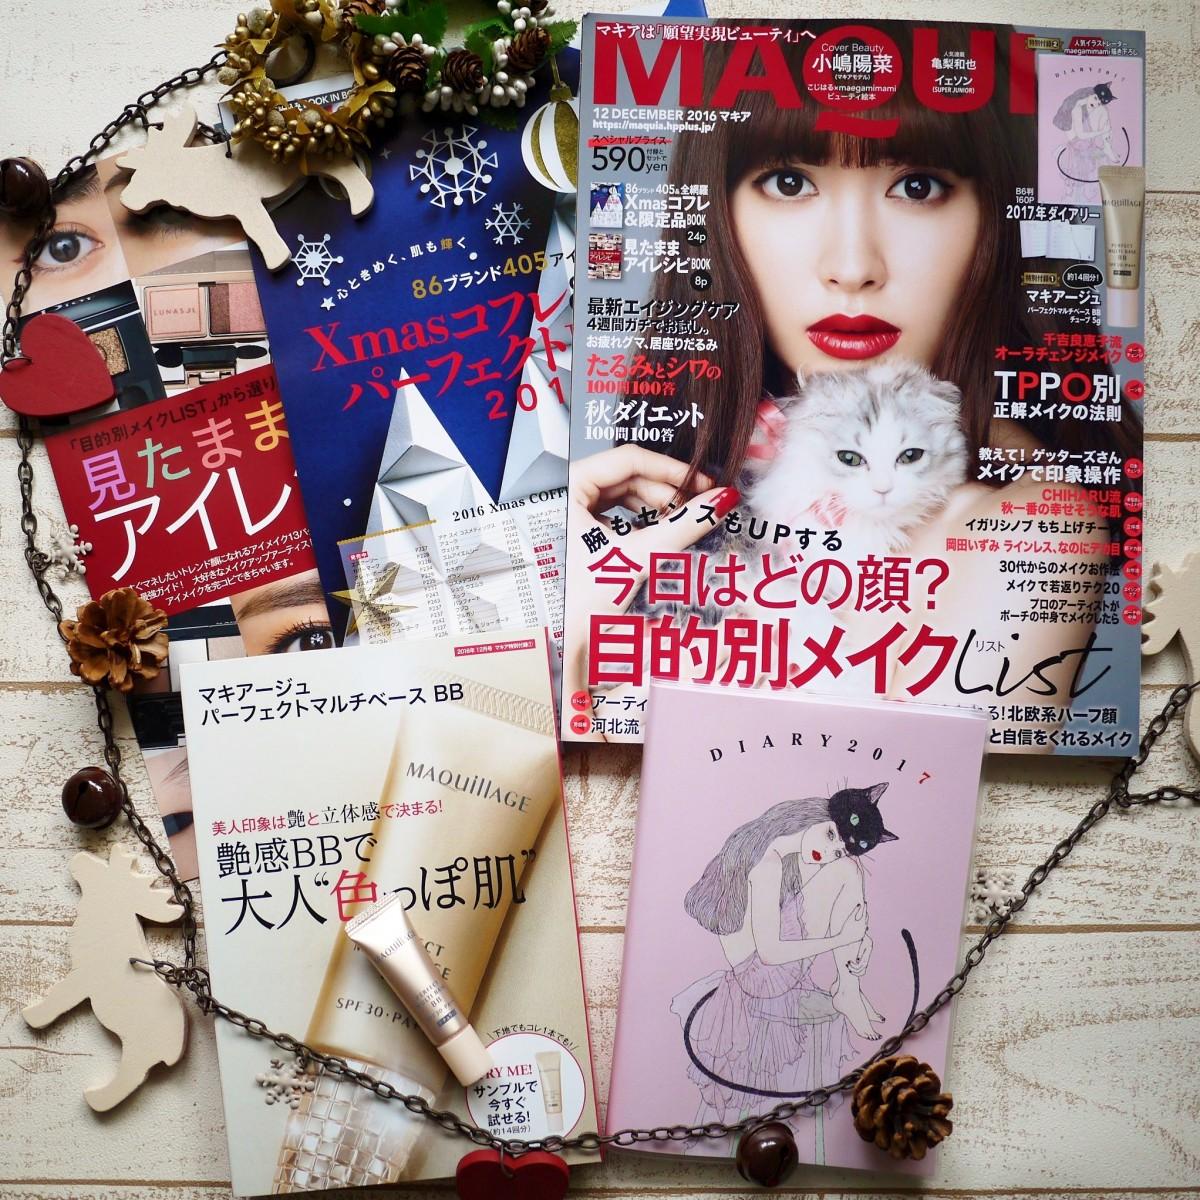 【売切れ必至】MAQUIA12月号は激カワ手帳&コフレBOOK付きでお値打ちすぎる590円!